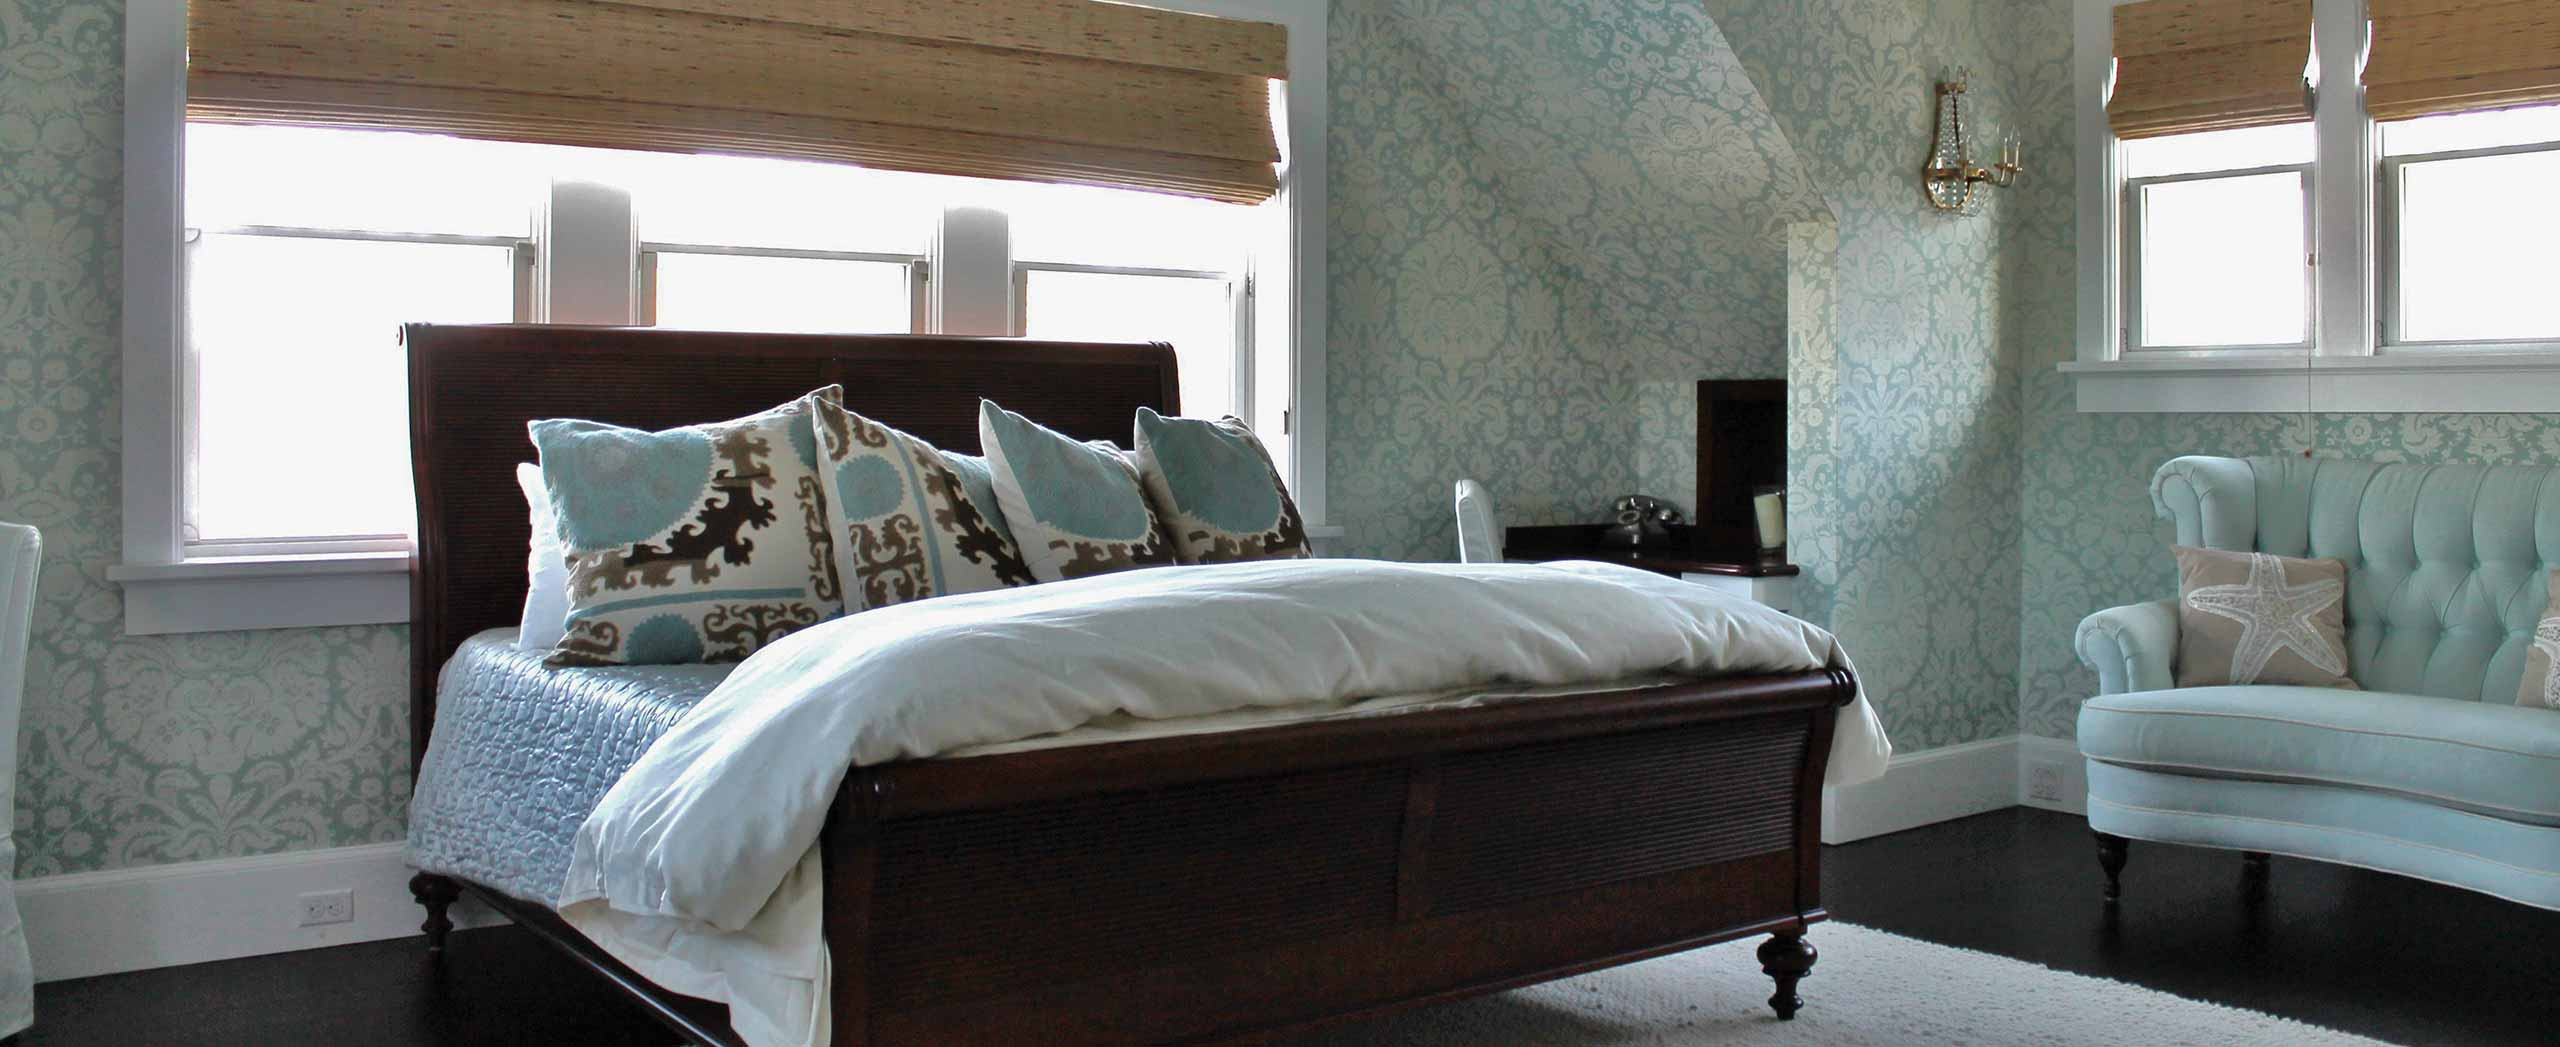 Osterville bedroom remodel